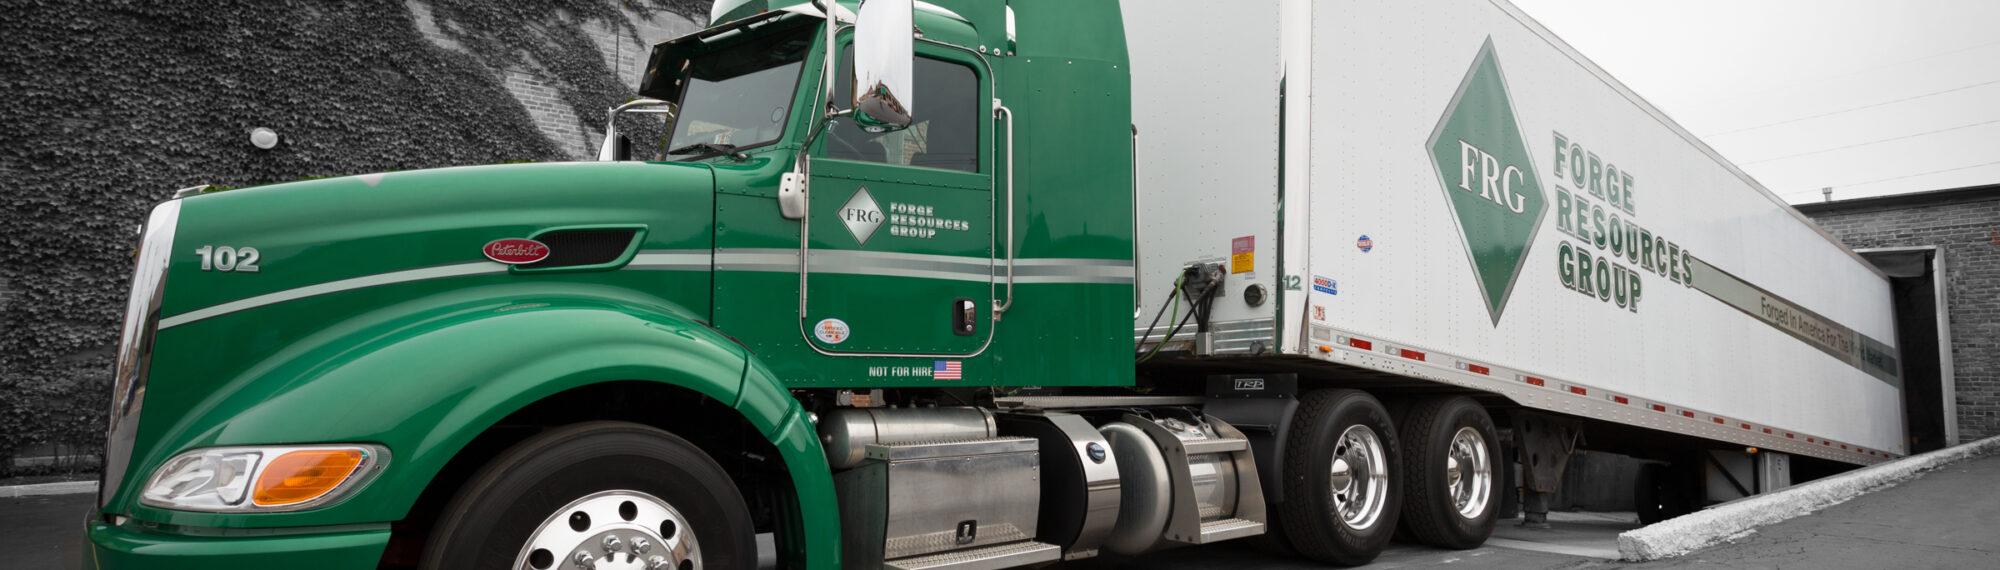 green semi-truck, black and white surroundings